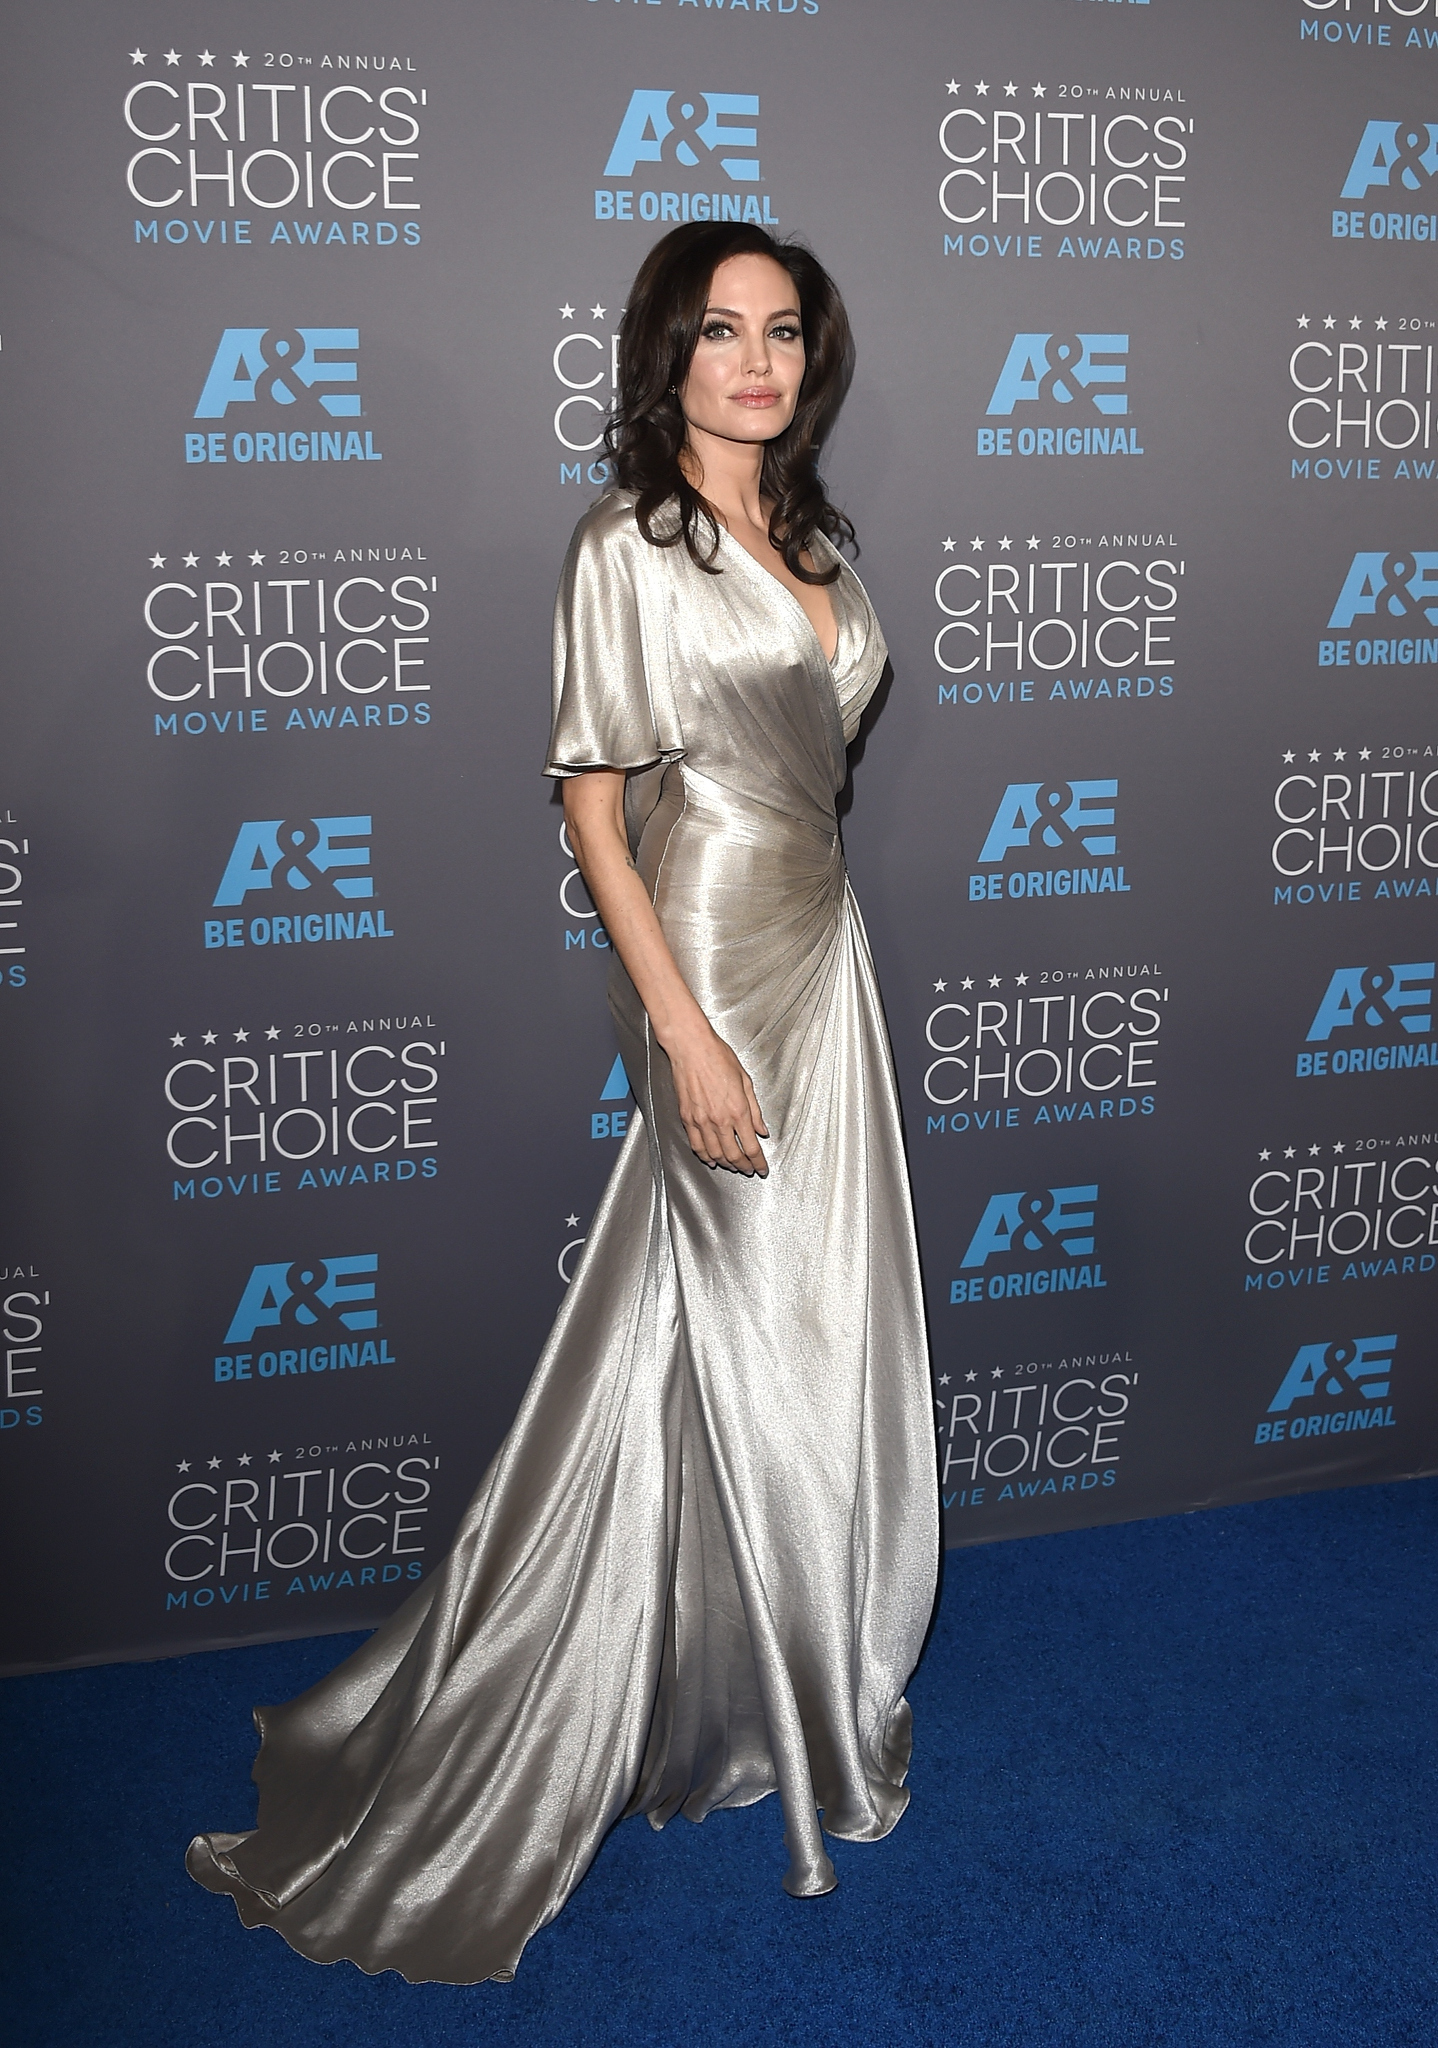 Эволюция стиля: Анджелина Джоли